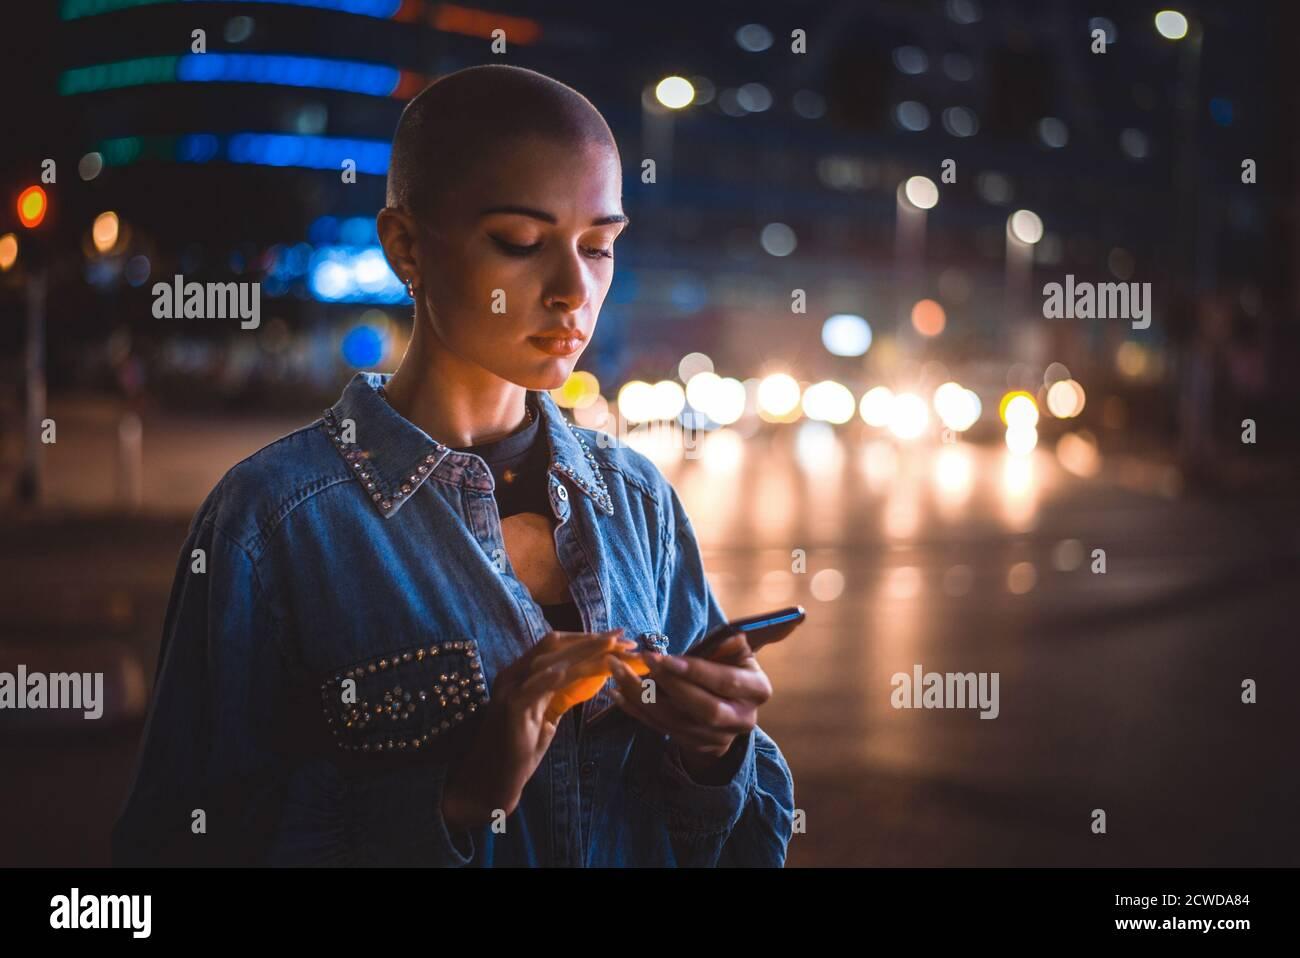 Imagen de una joven que utiliza el teléfono móvil en la calle. Chica con pelo corto caminando por la noche en el centro de la ciudad Foto de stock